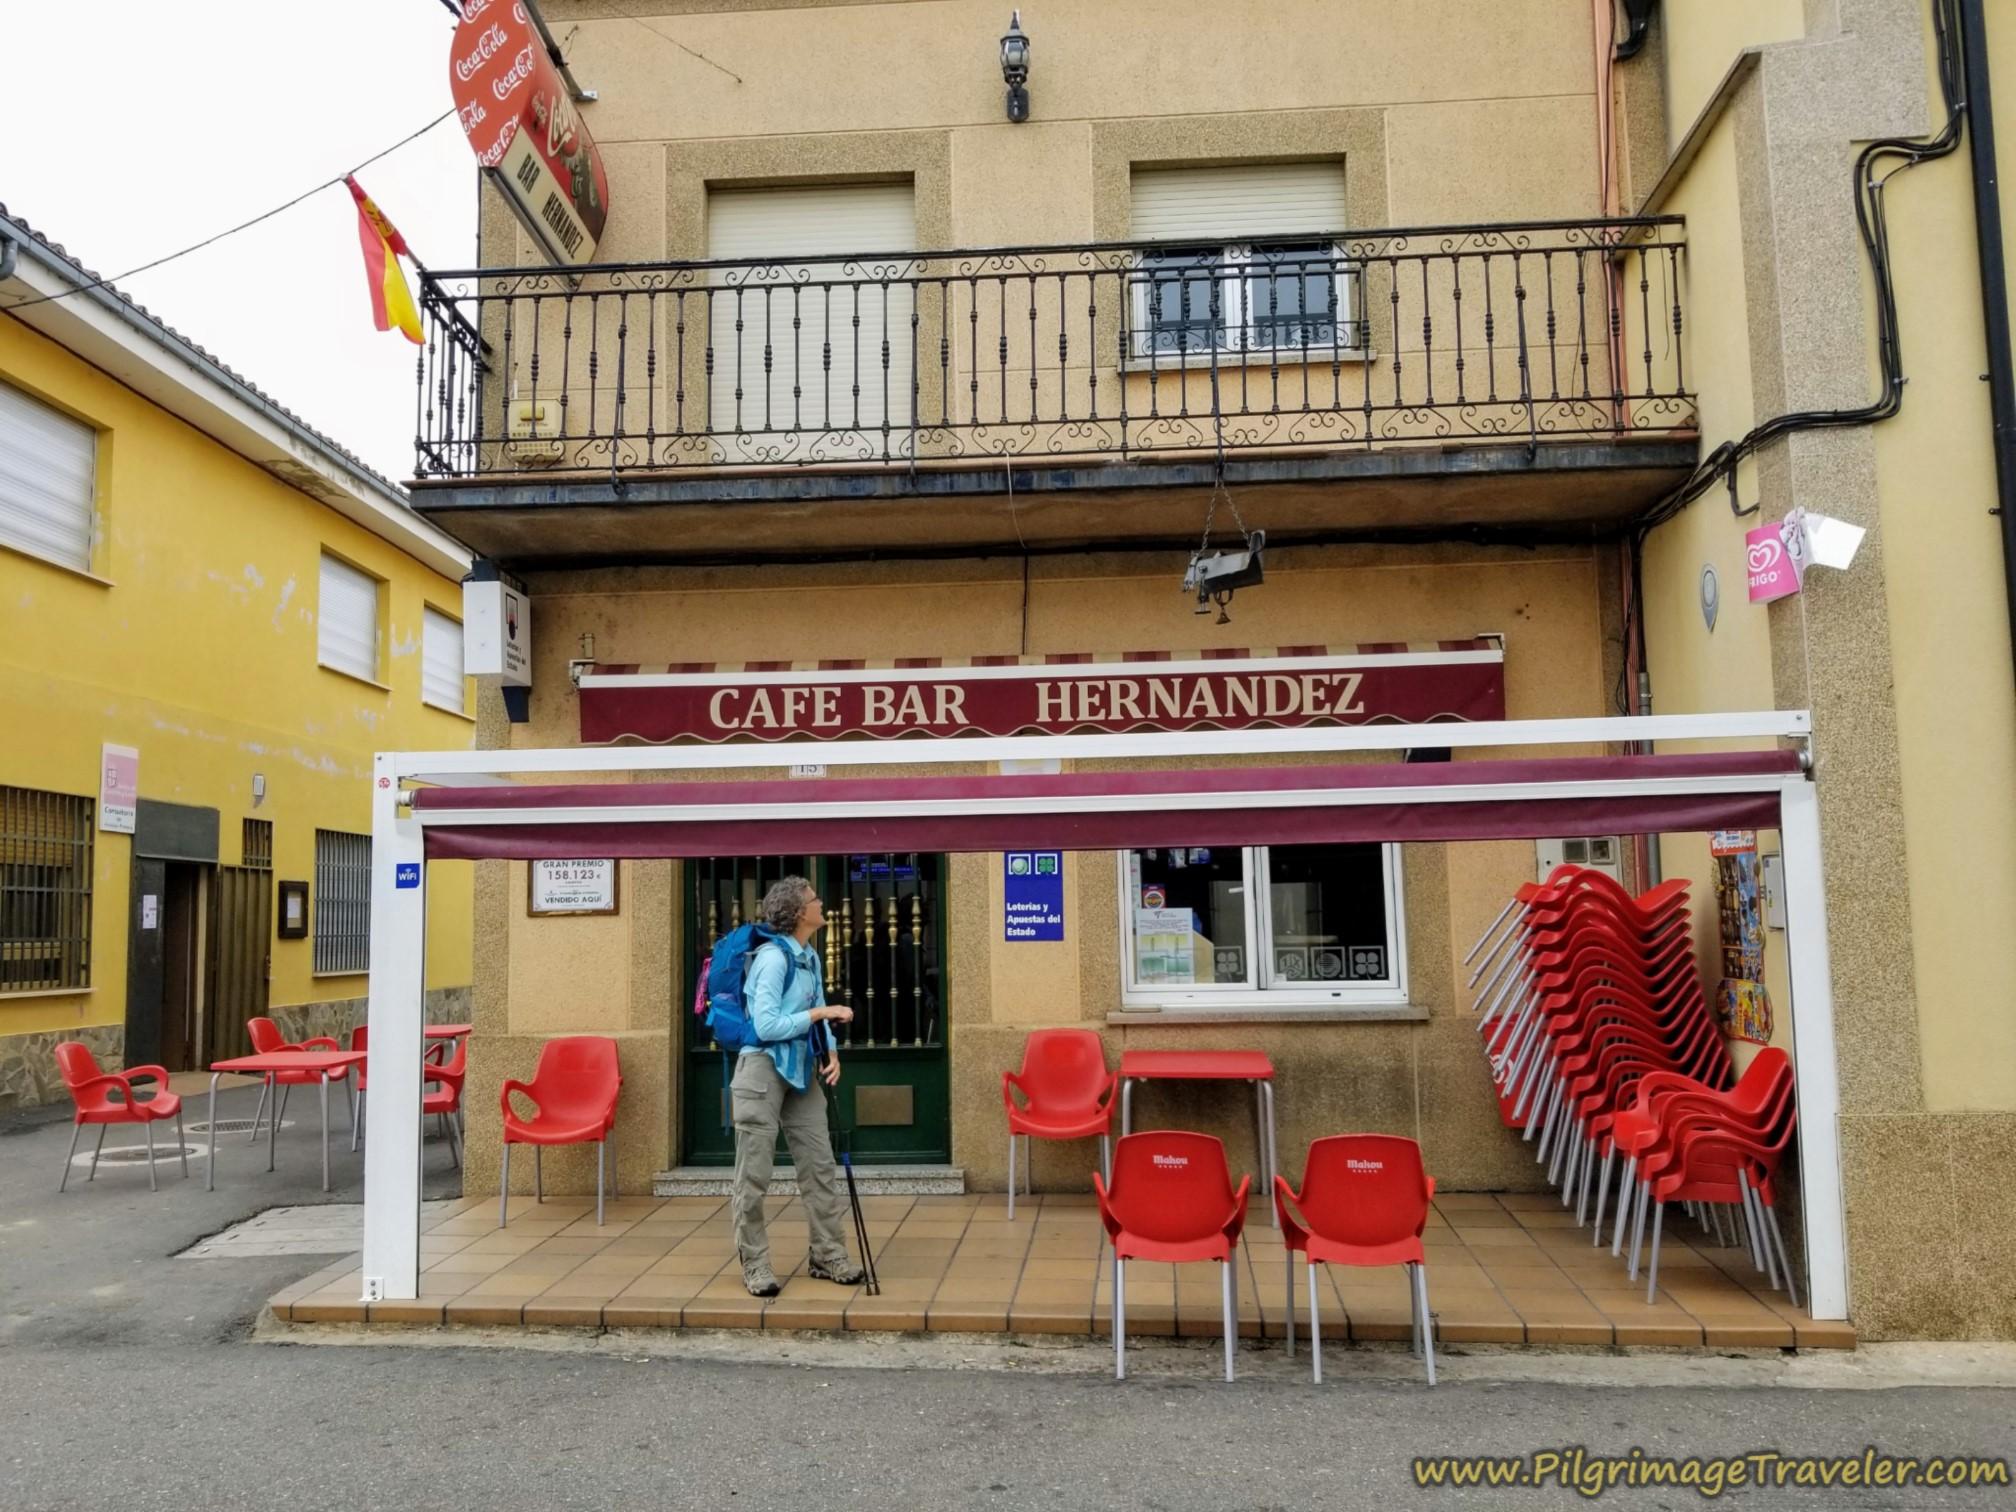 Café Bar Hernandez, El Cubo de Tierra del Vino, along the Vía de la Plata from Cañedino to Villanueva de Campeán